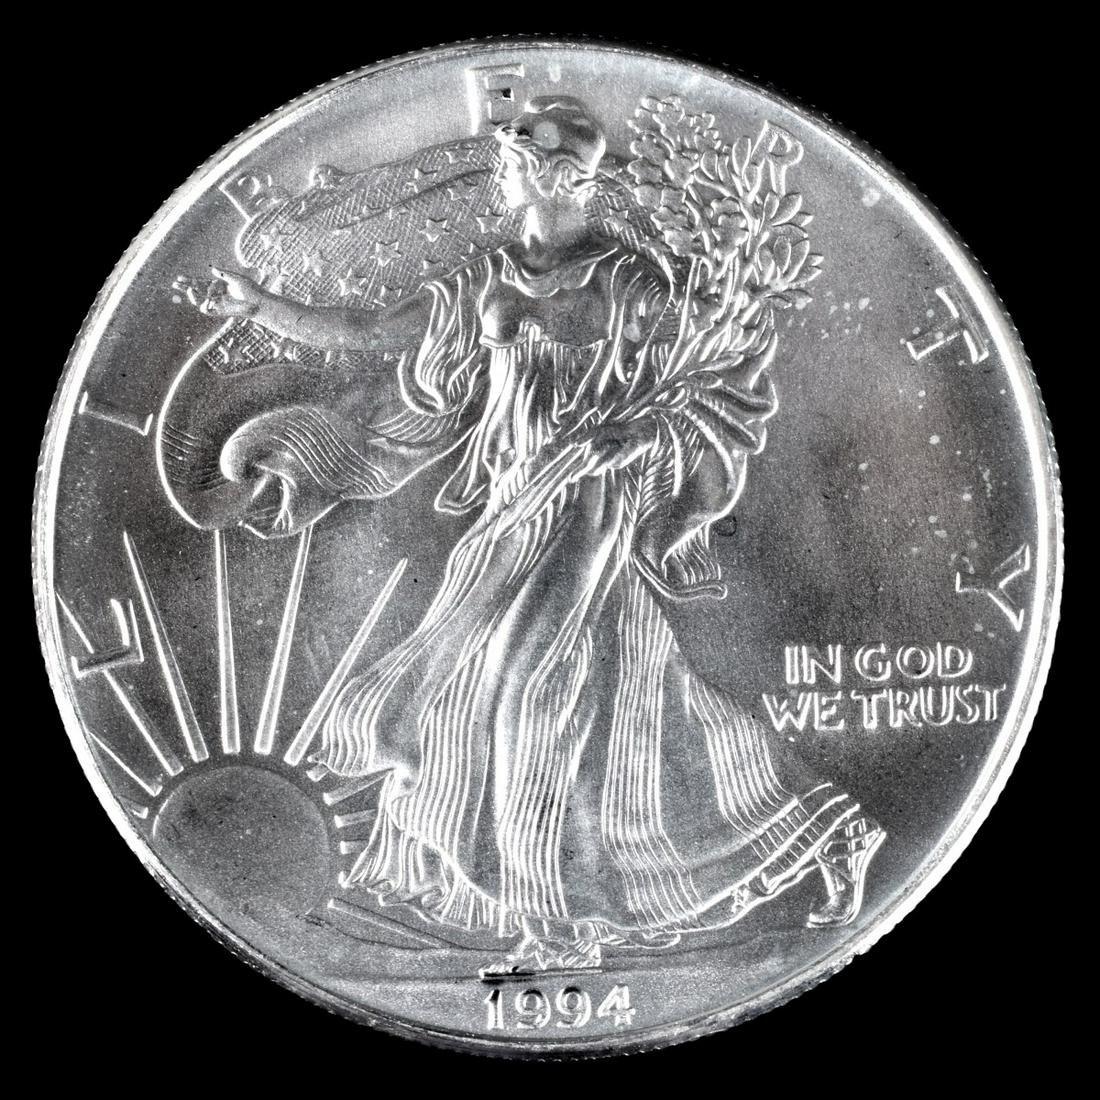 Twenty 1994 American Silver Eagle Coins